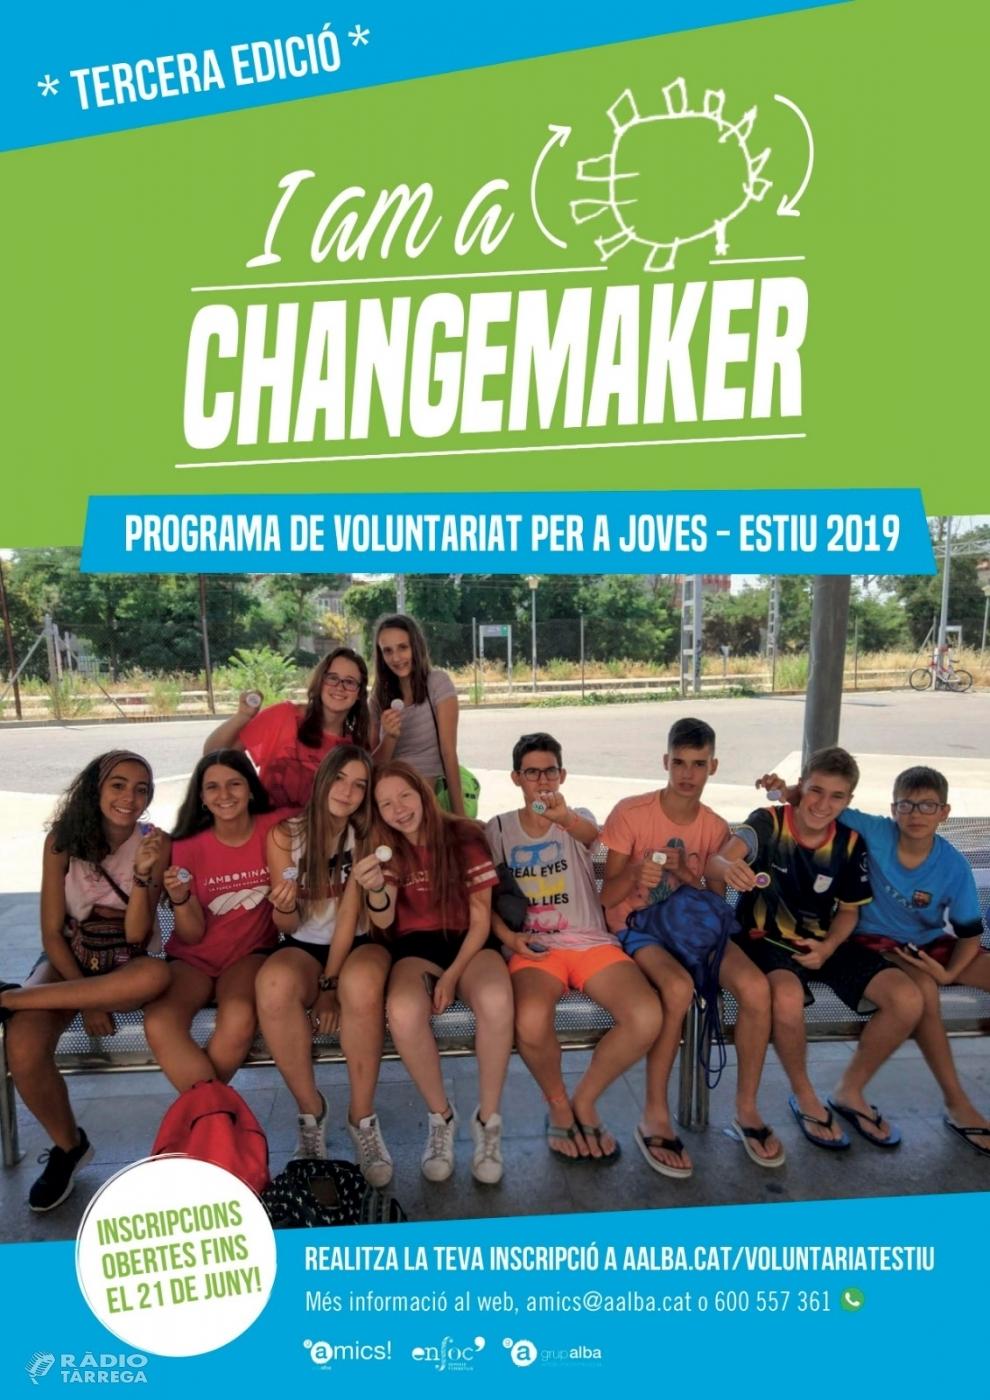 El Grup Alba obre incripcions del Programa de Voluntariat per a joves de l'estiu